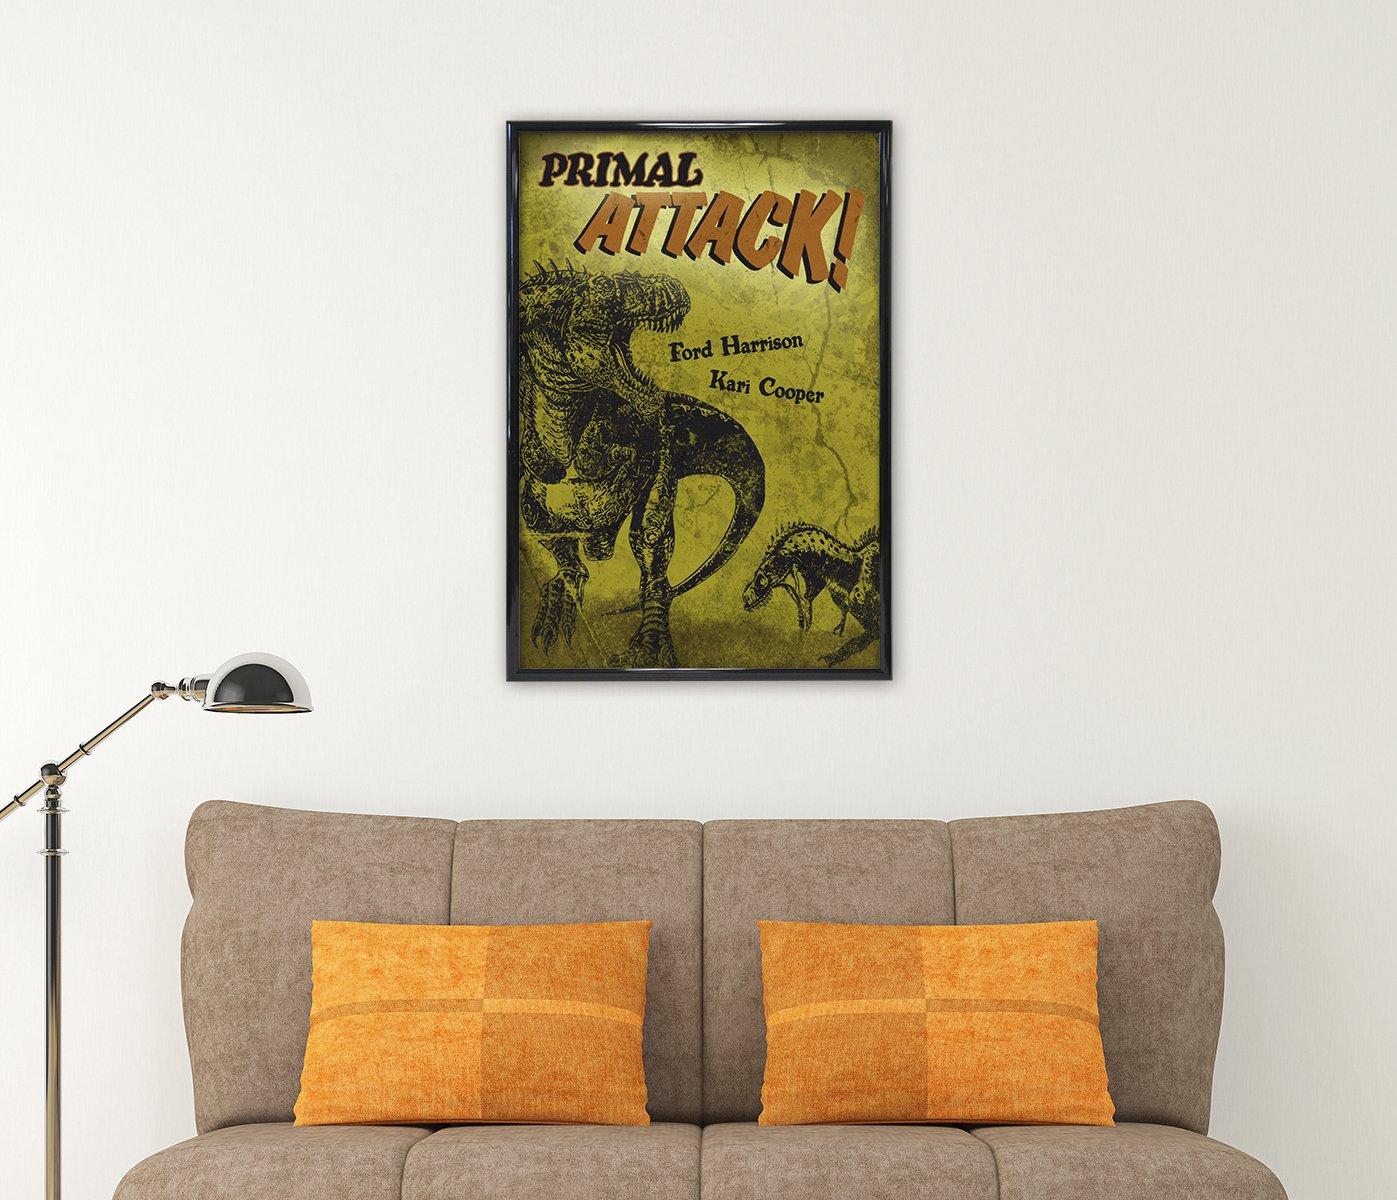 Mcs trendsetter 27x40 inch poster frame black 40964 mcs trendsetter 27x40 inch poster frame black 40964 jeuxipadfo Gallery